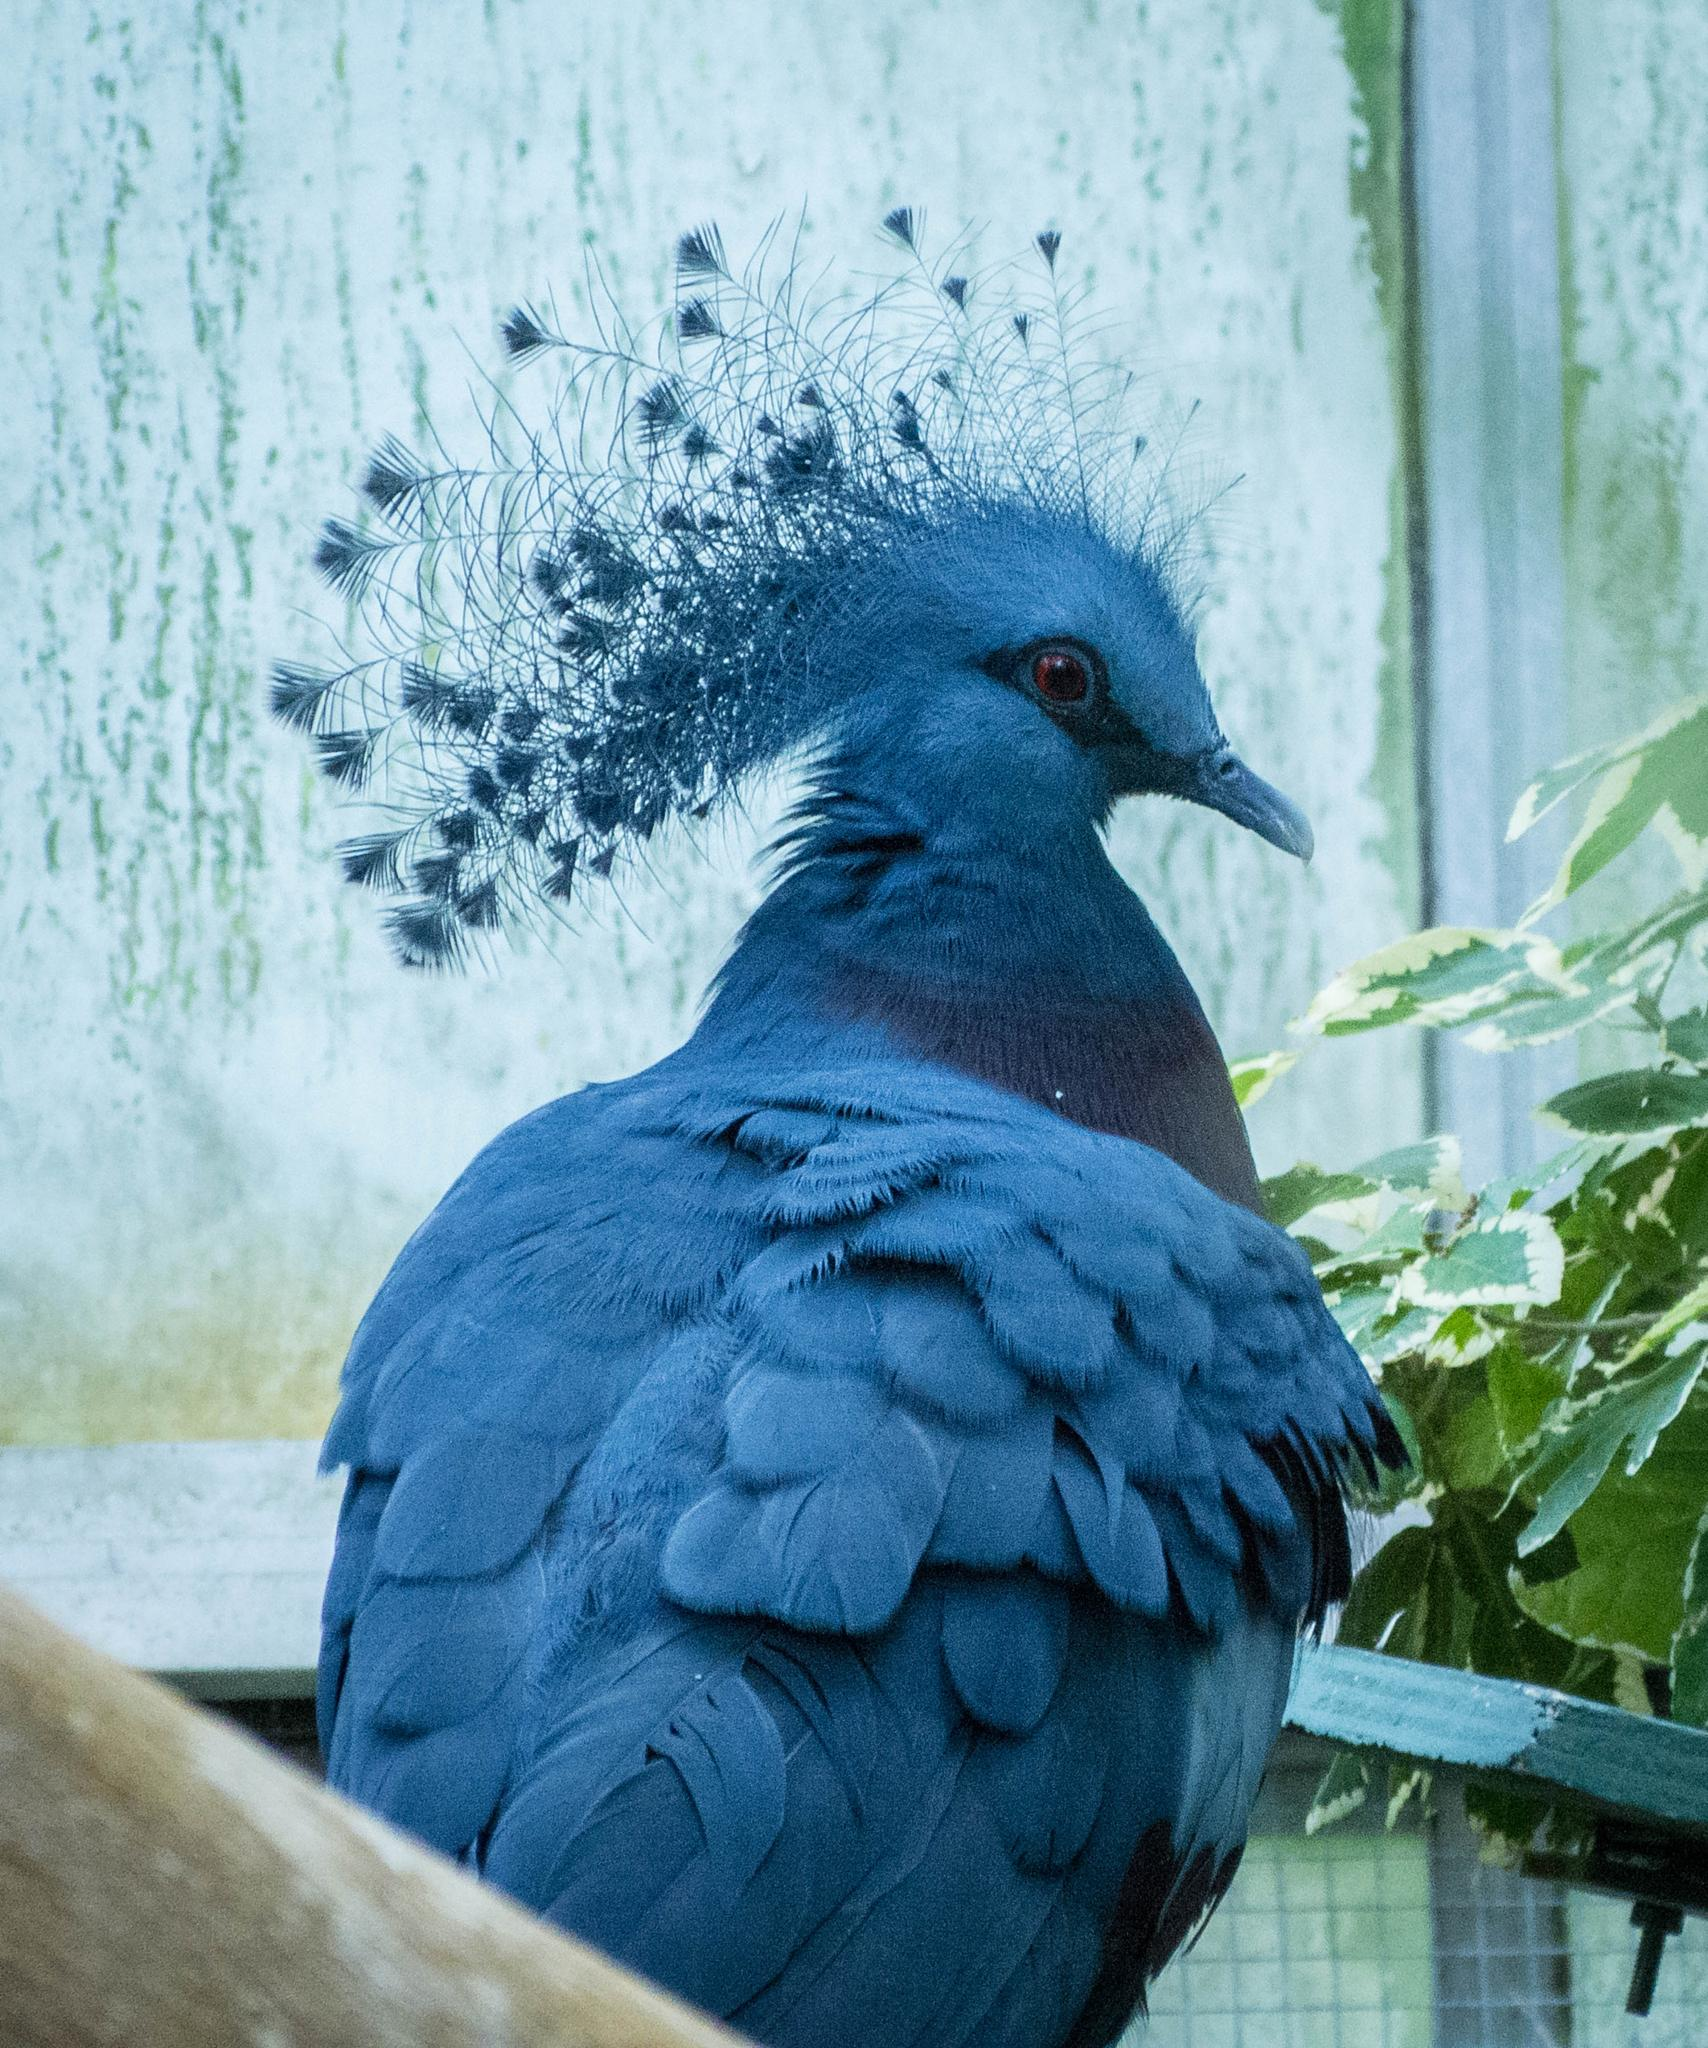 victoria crowned pigeon by melanie.szymczak